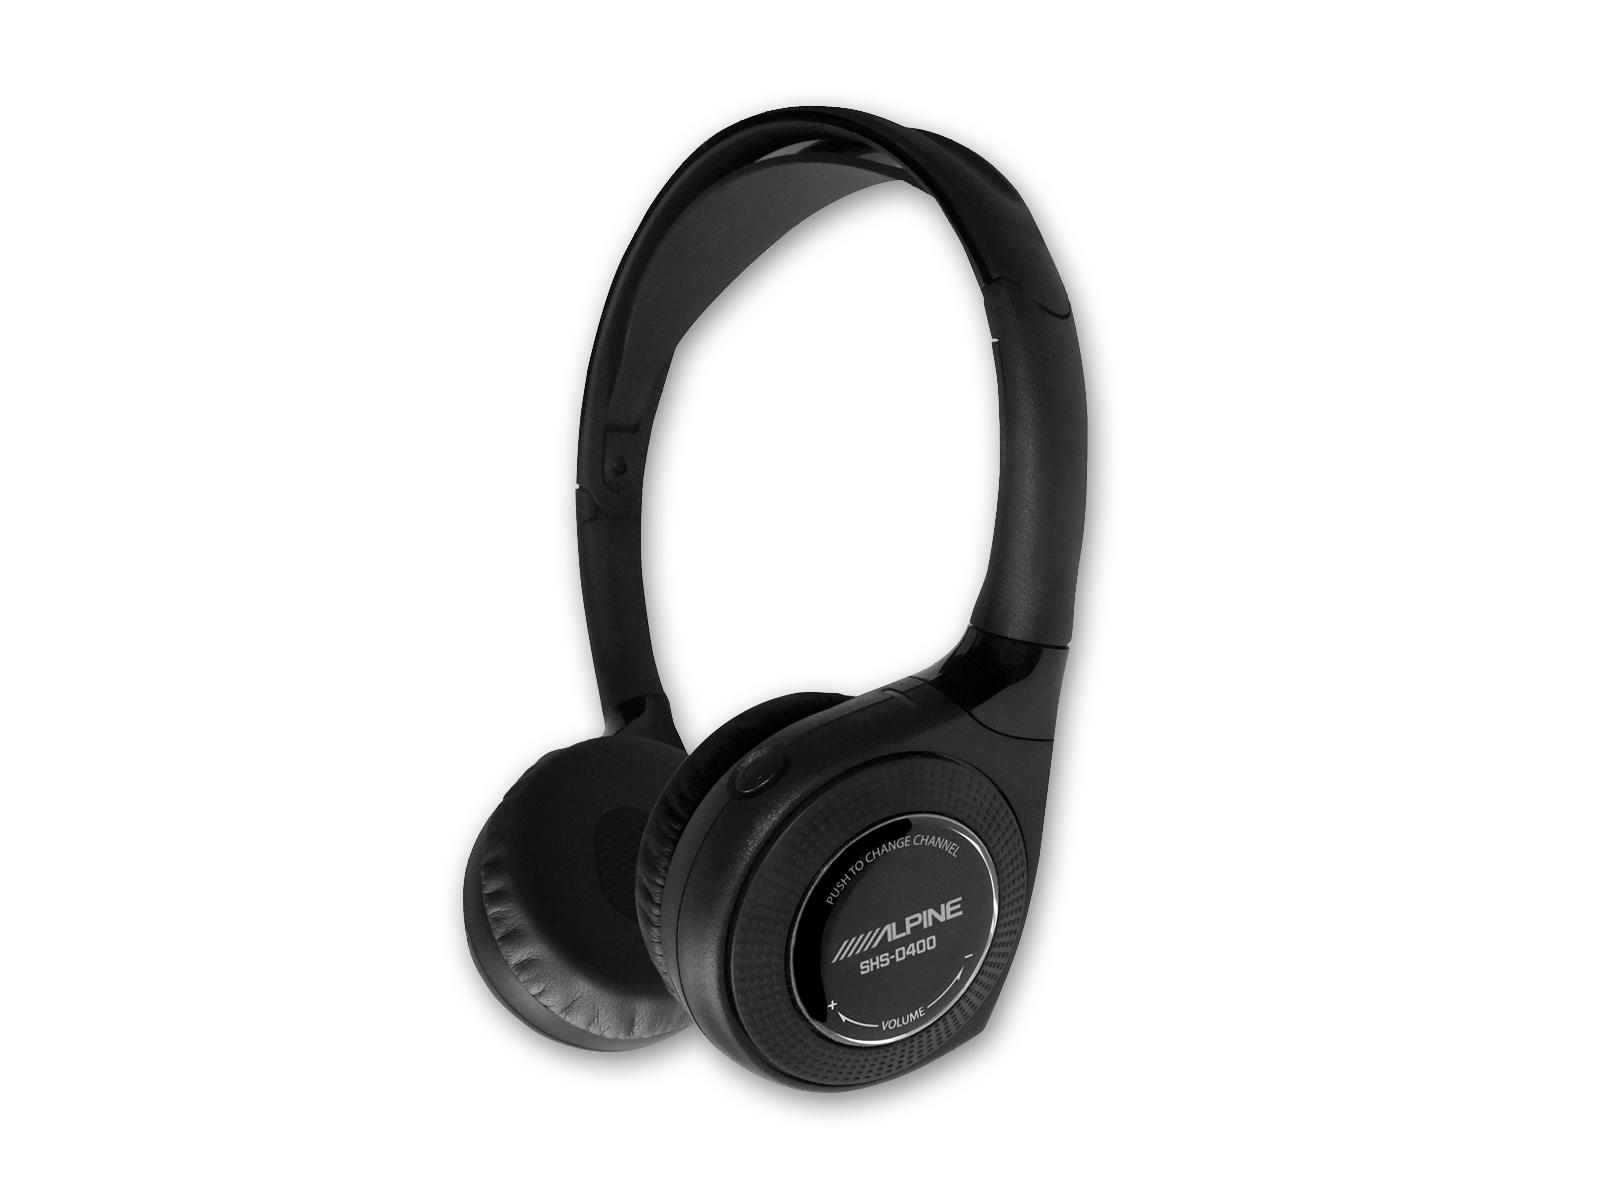 Alpine SHS-D400 4-Kanal Digital-Kopfhörer Drahtloser Kopfhörer Funk-Kopfhörer